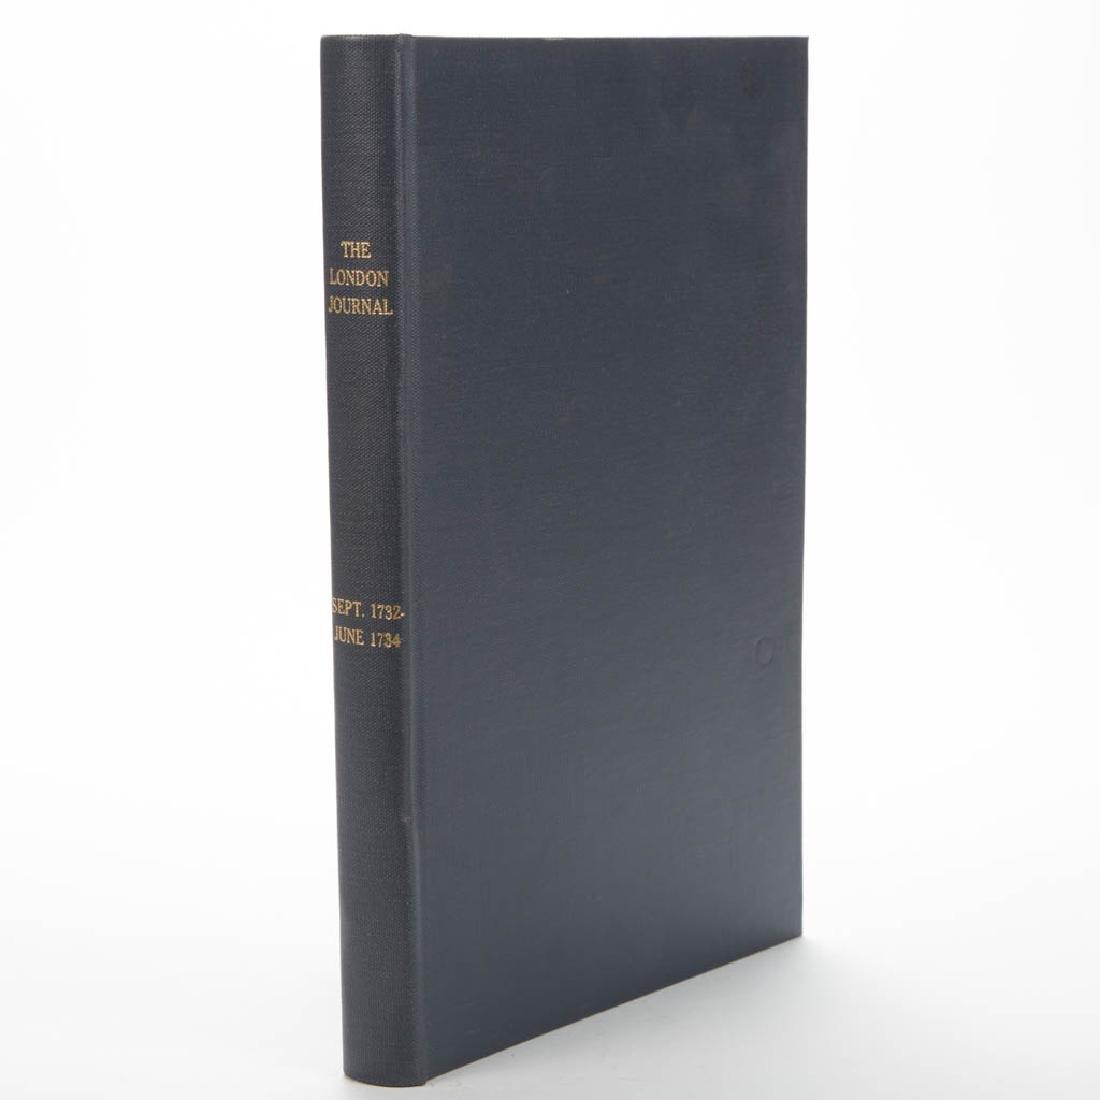 BRITISH PERIODICALS EIGHTEENTH CENTURY BOUND VOLUME